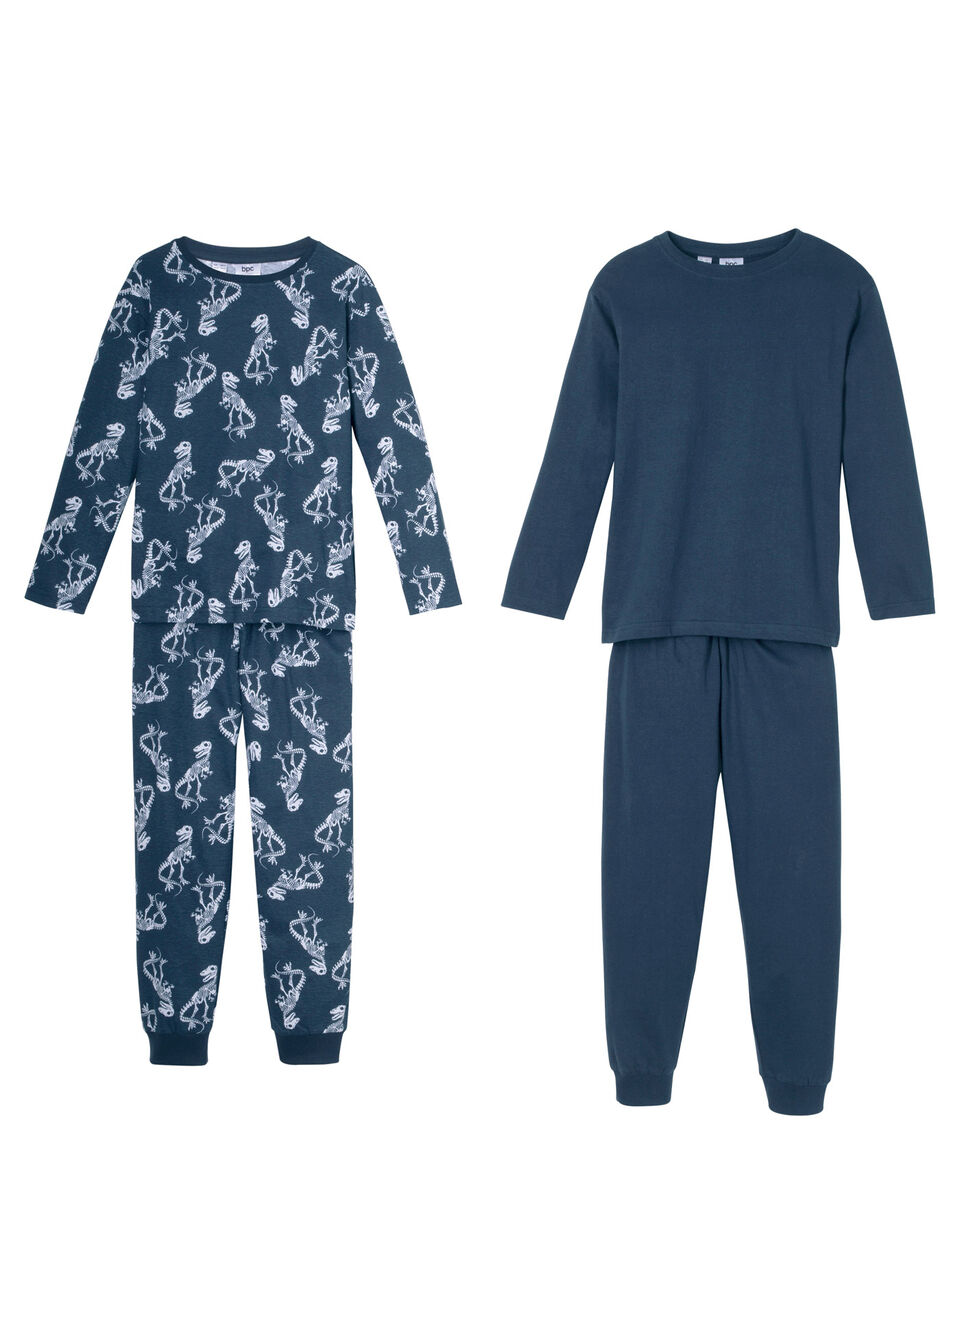 Пижама для мальчика (4 изд.) от bonprix